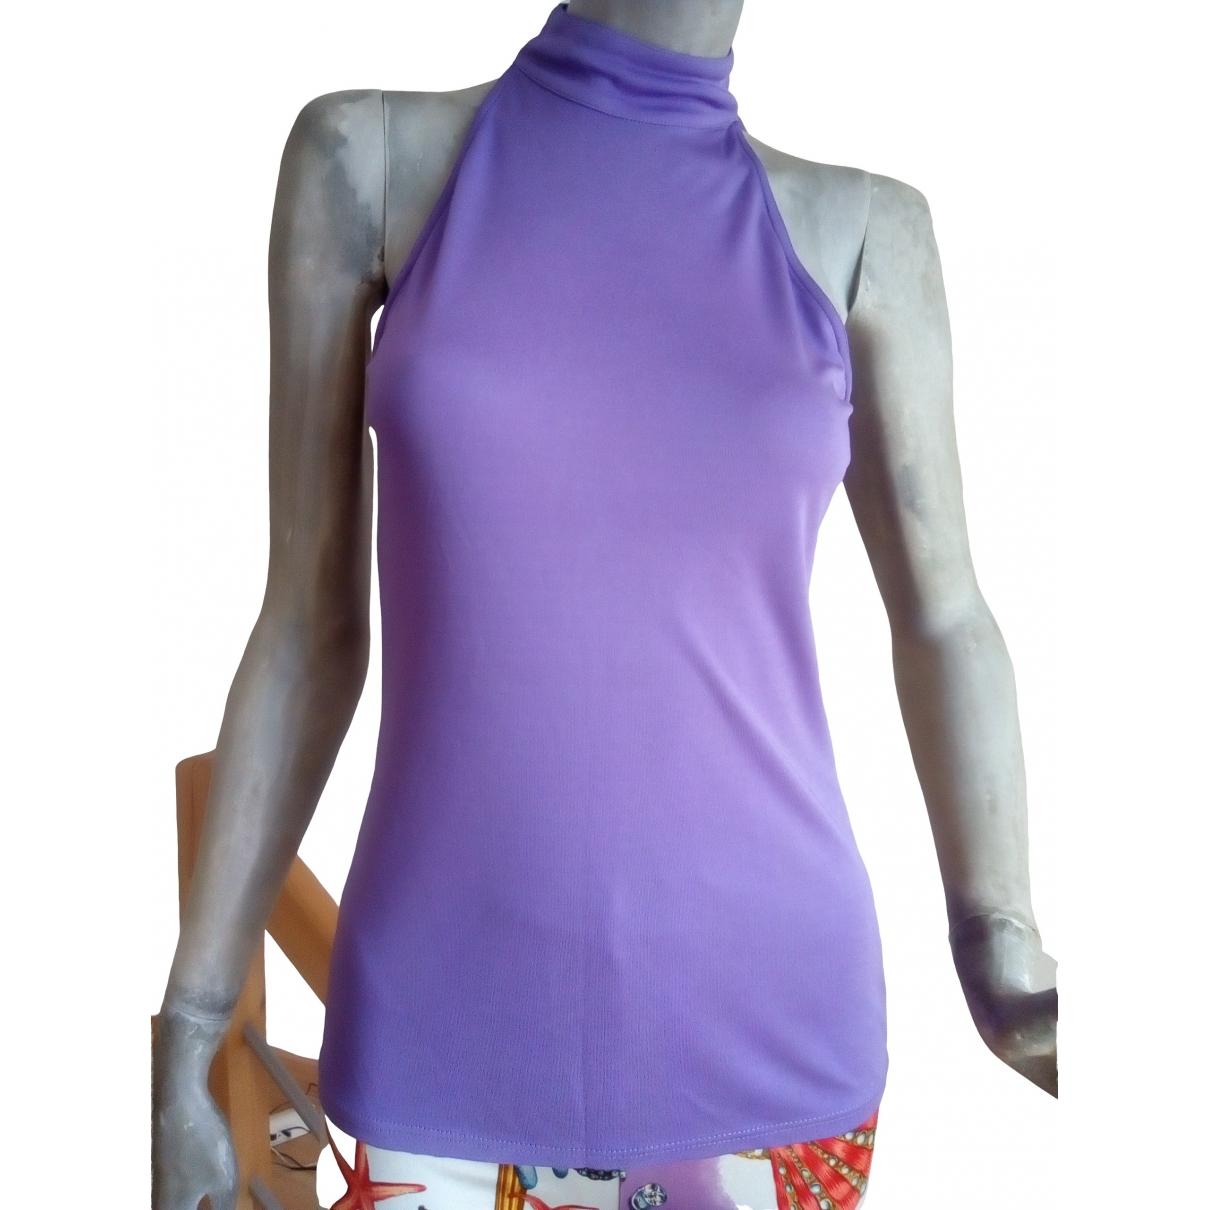 Gianni Versace - Top   pour femme - violet